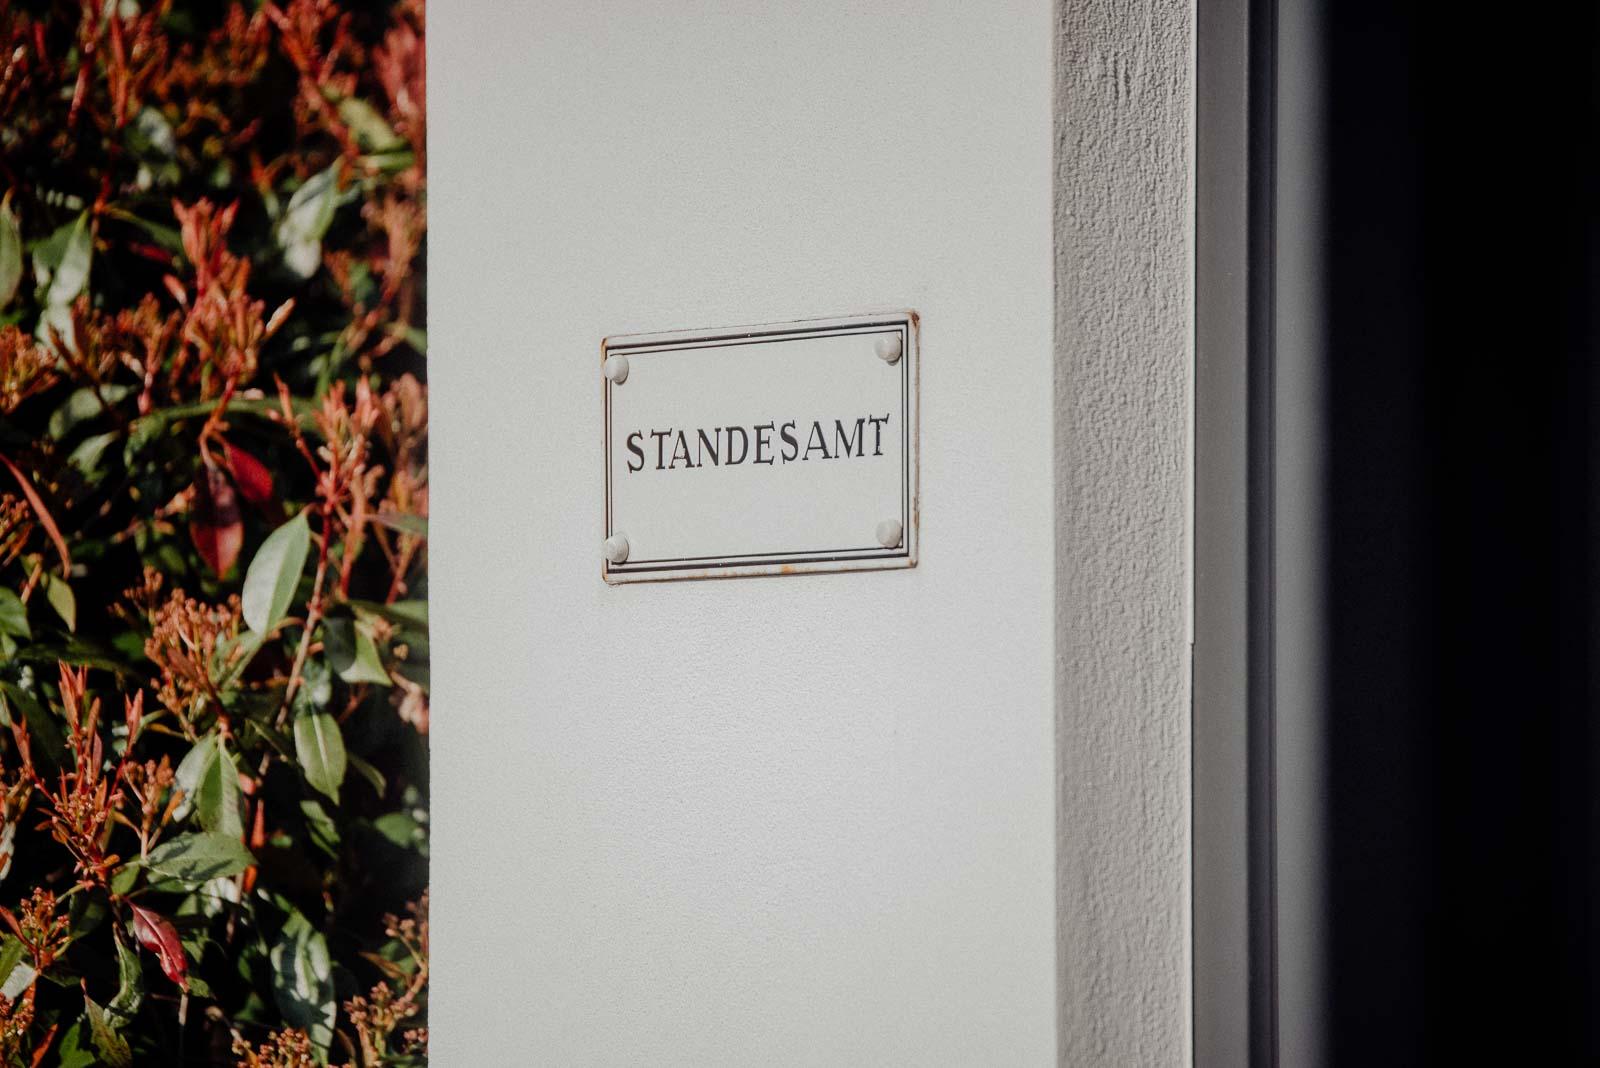 104-landhotel-voshoevel-land-hochzeit-trauung